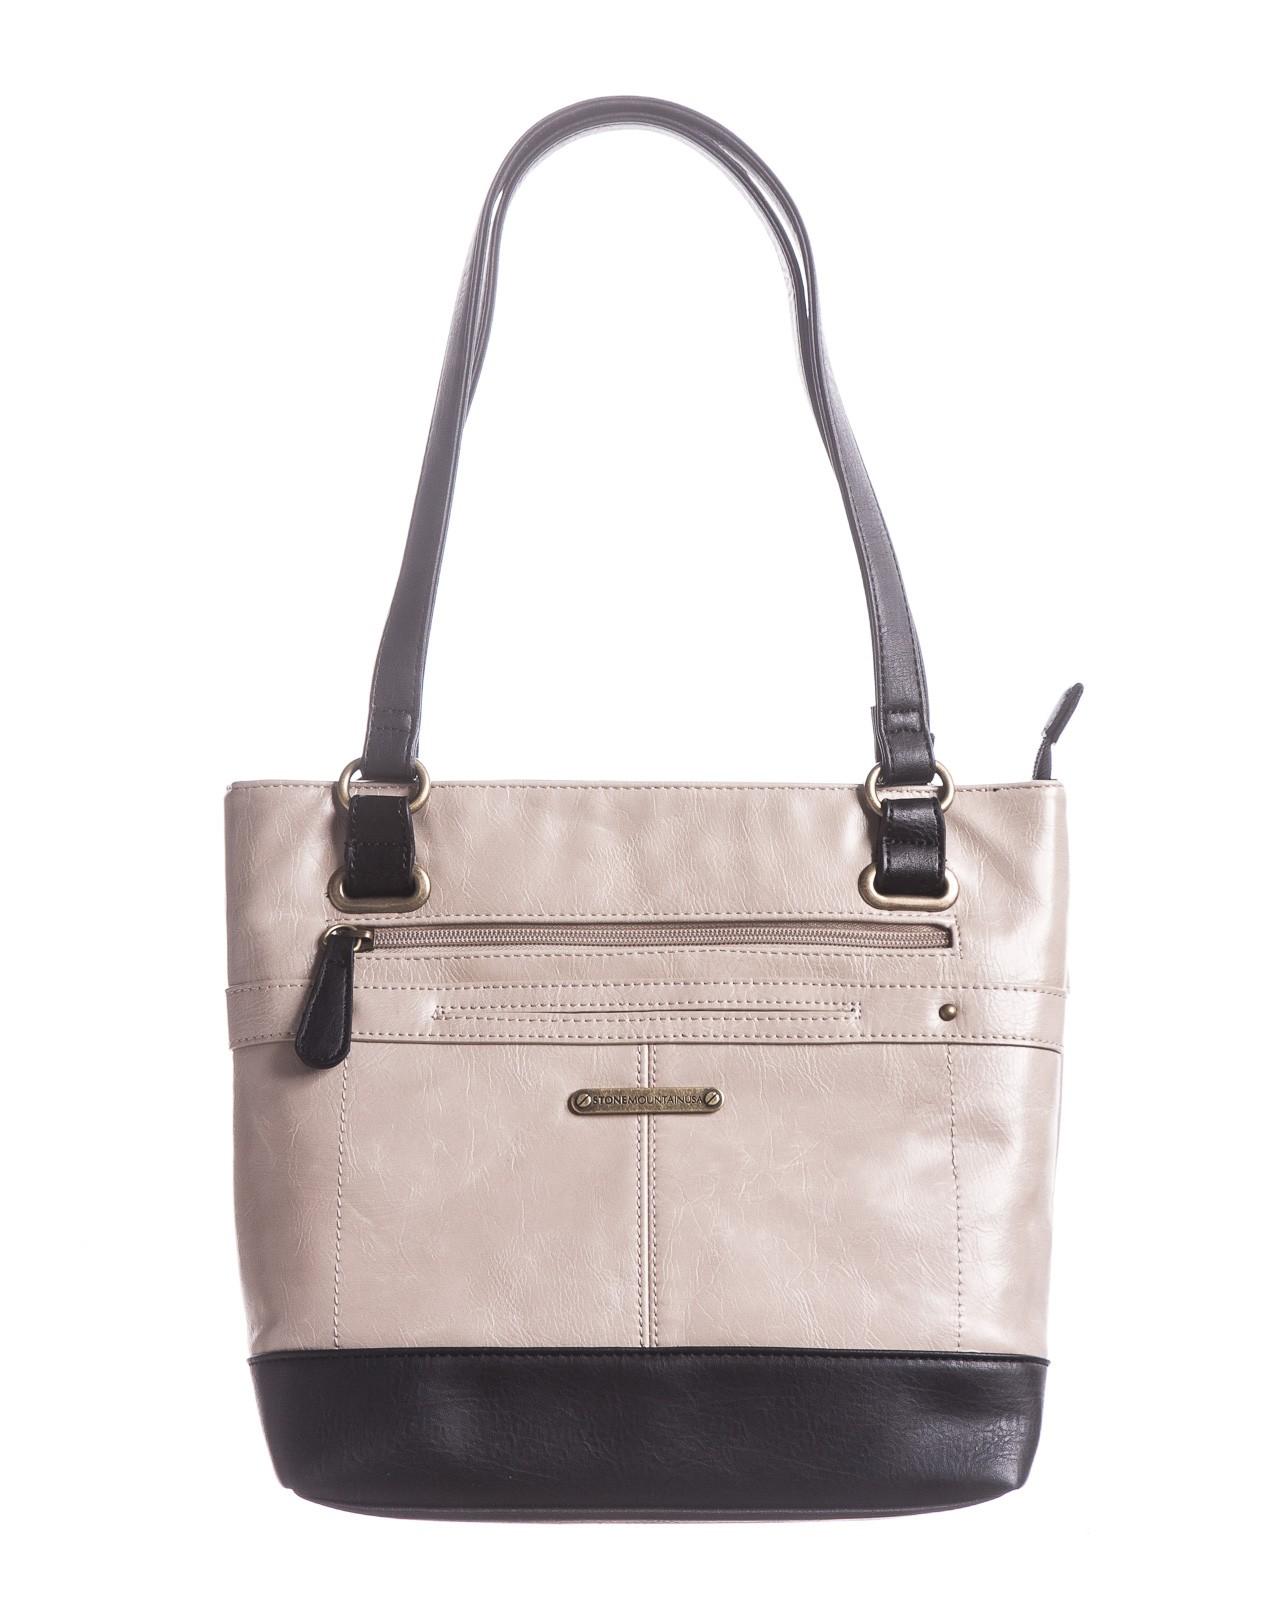 Vintage Leather N/S Tote Bag